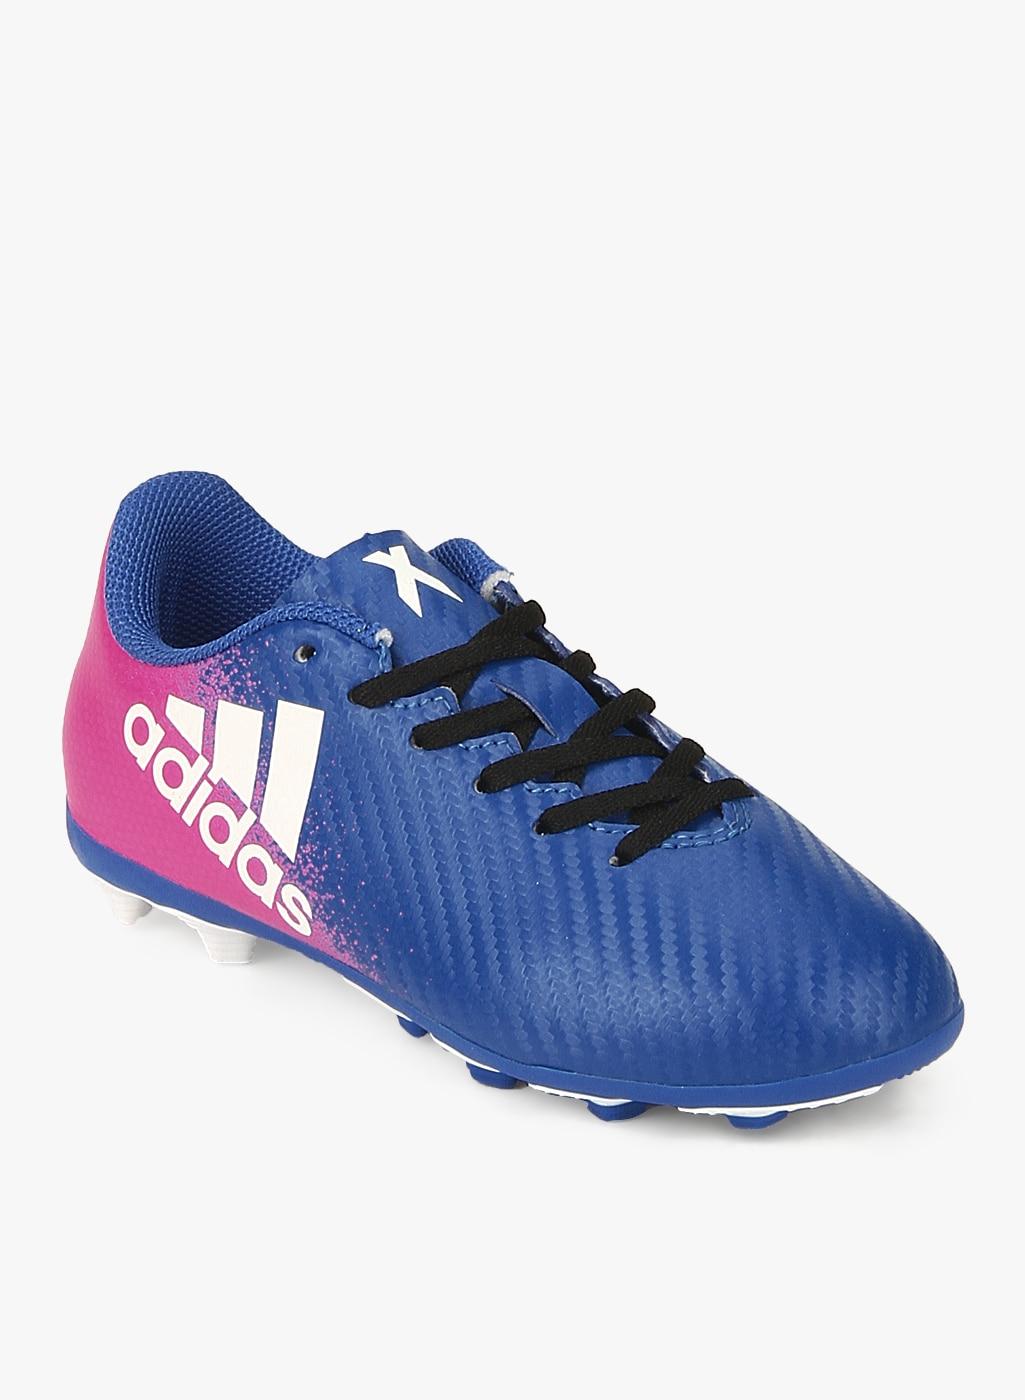 super popular e4b96 f6db4 Adidas X 16.4 Fxg J Blue Football Shoes boys